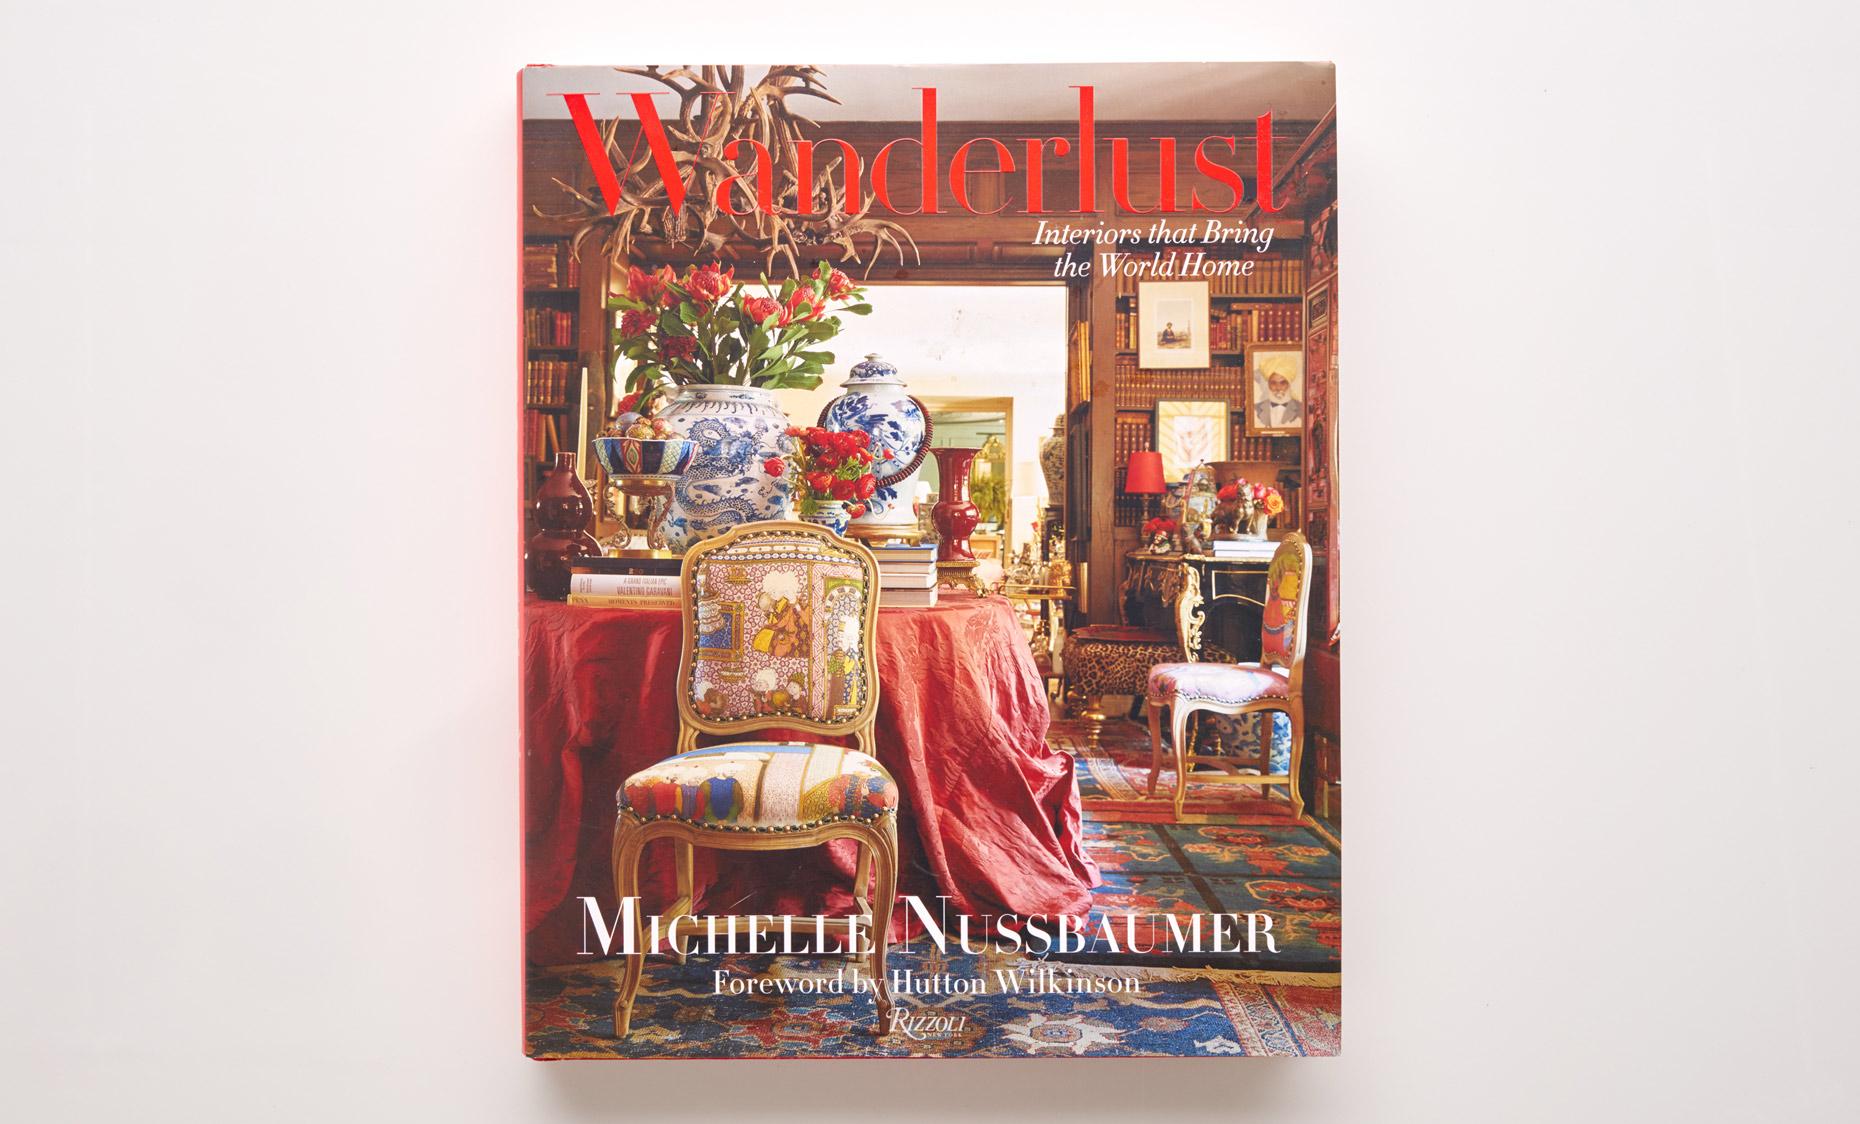 Stephen Karlisch Wanderlust Book Cover